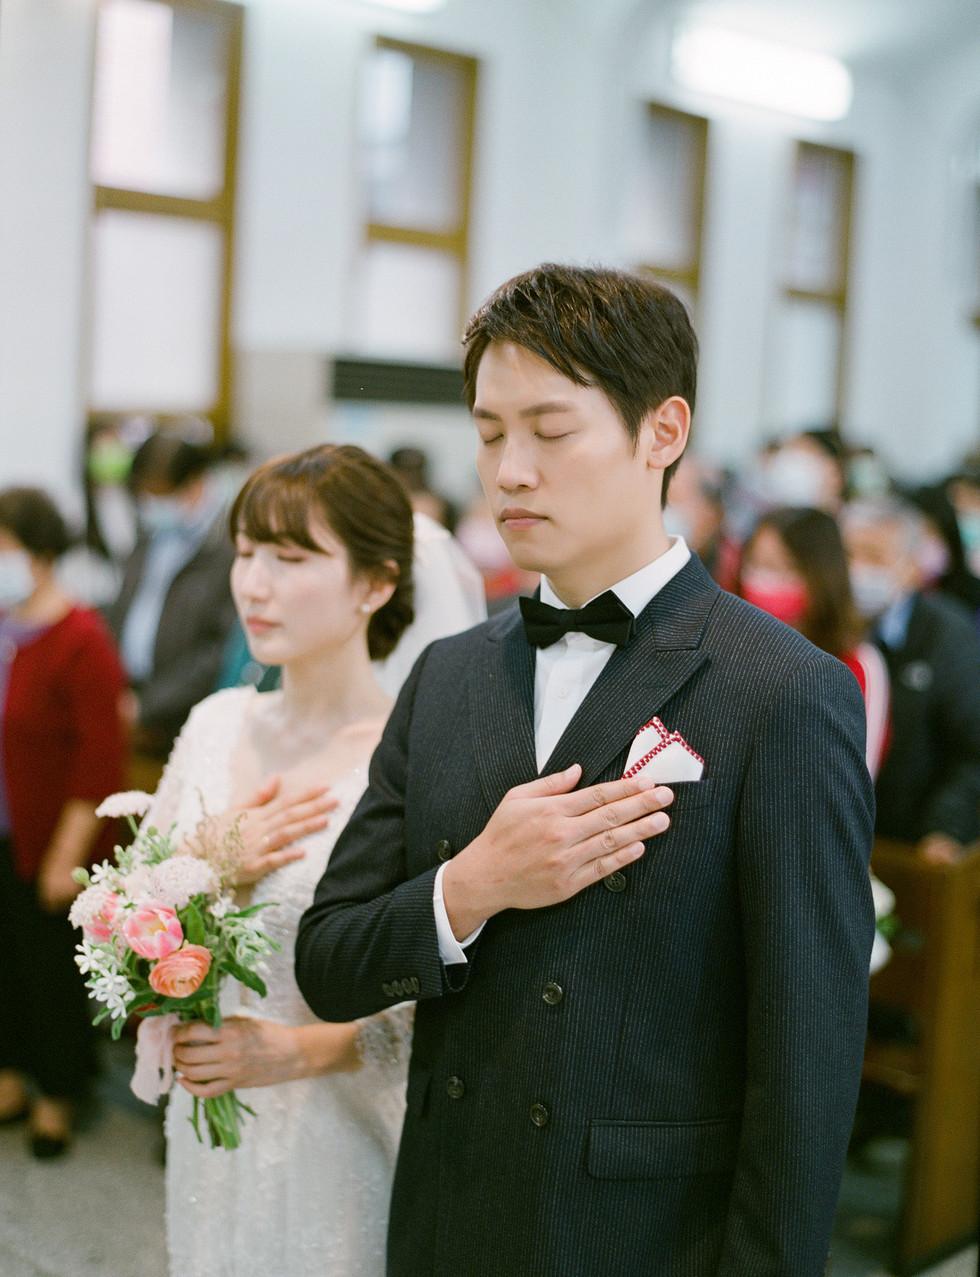 銘恩 羿璇 婚禮底片-9 小圖.jpg